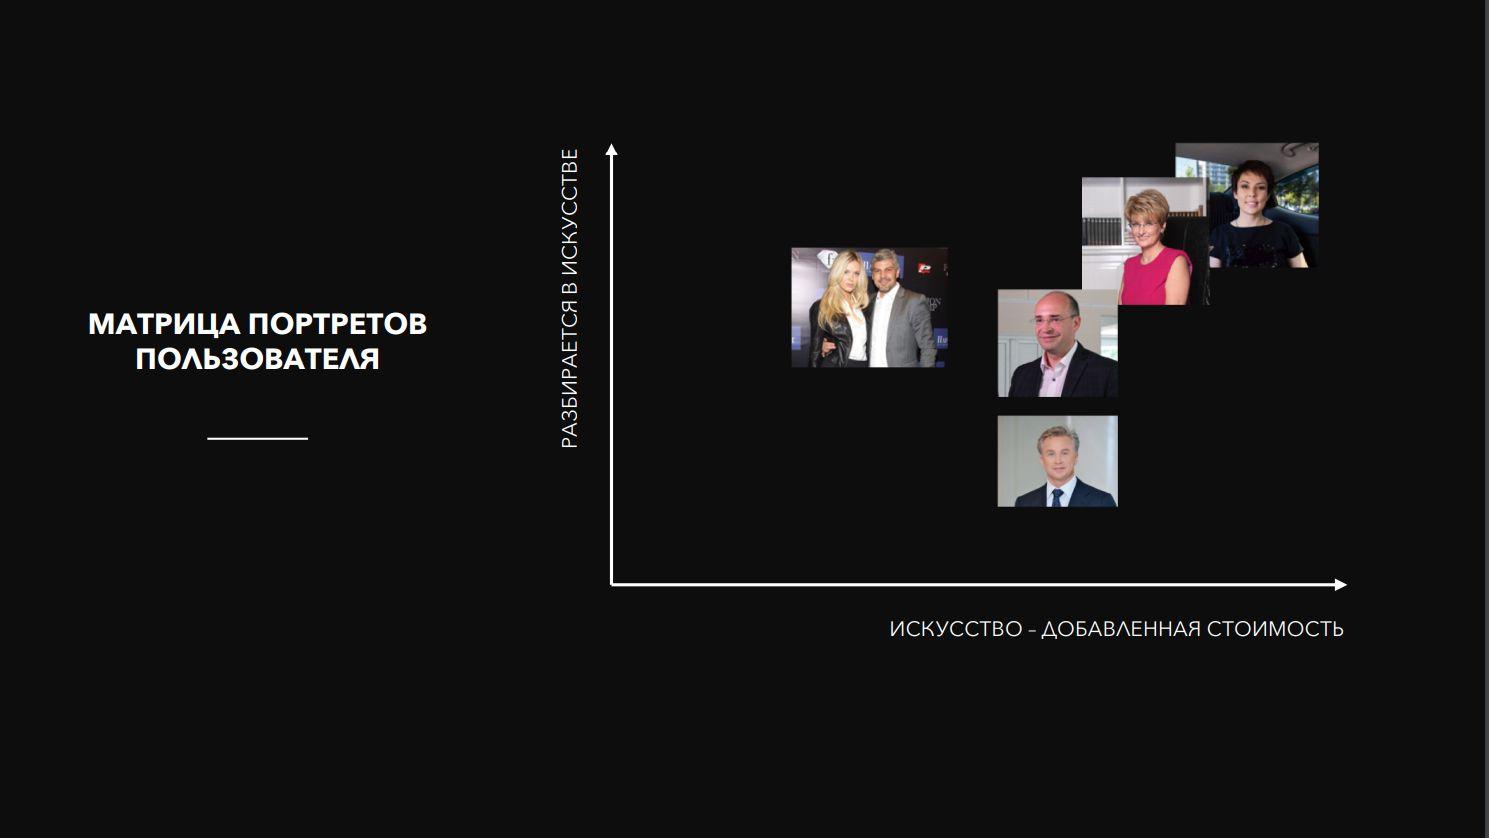 Матрица портретов пользователей, слайд из презентации Абсамата и Натальи